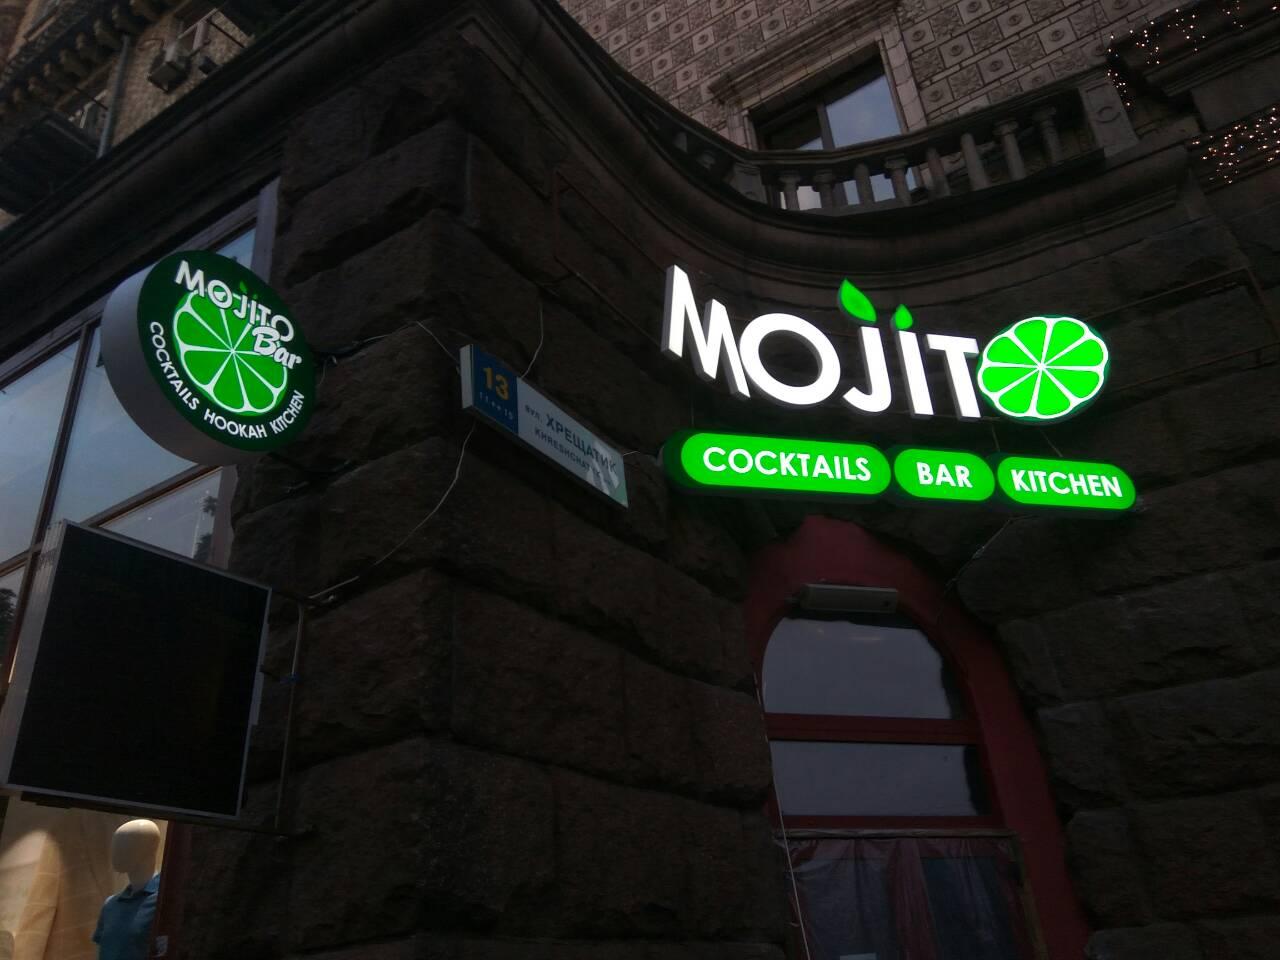 Виготовлення та монтаж світлової вивіски для бару «Mojito»